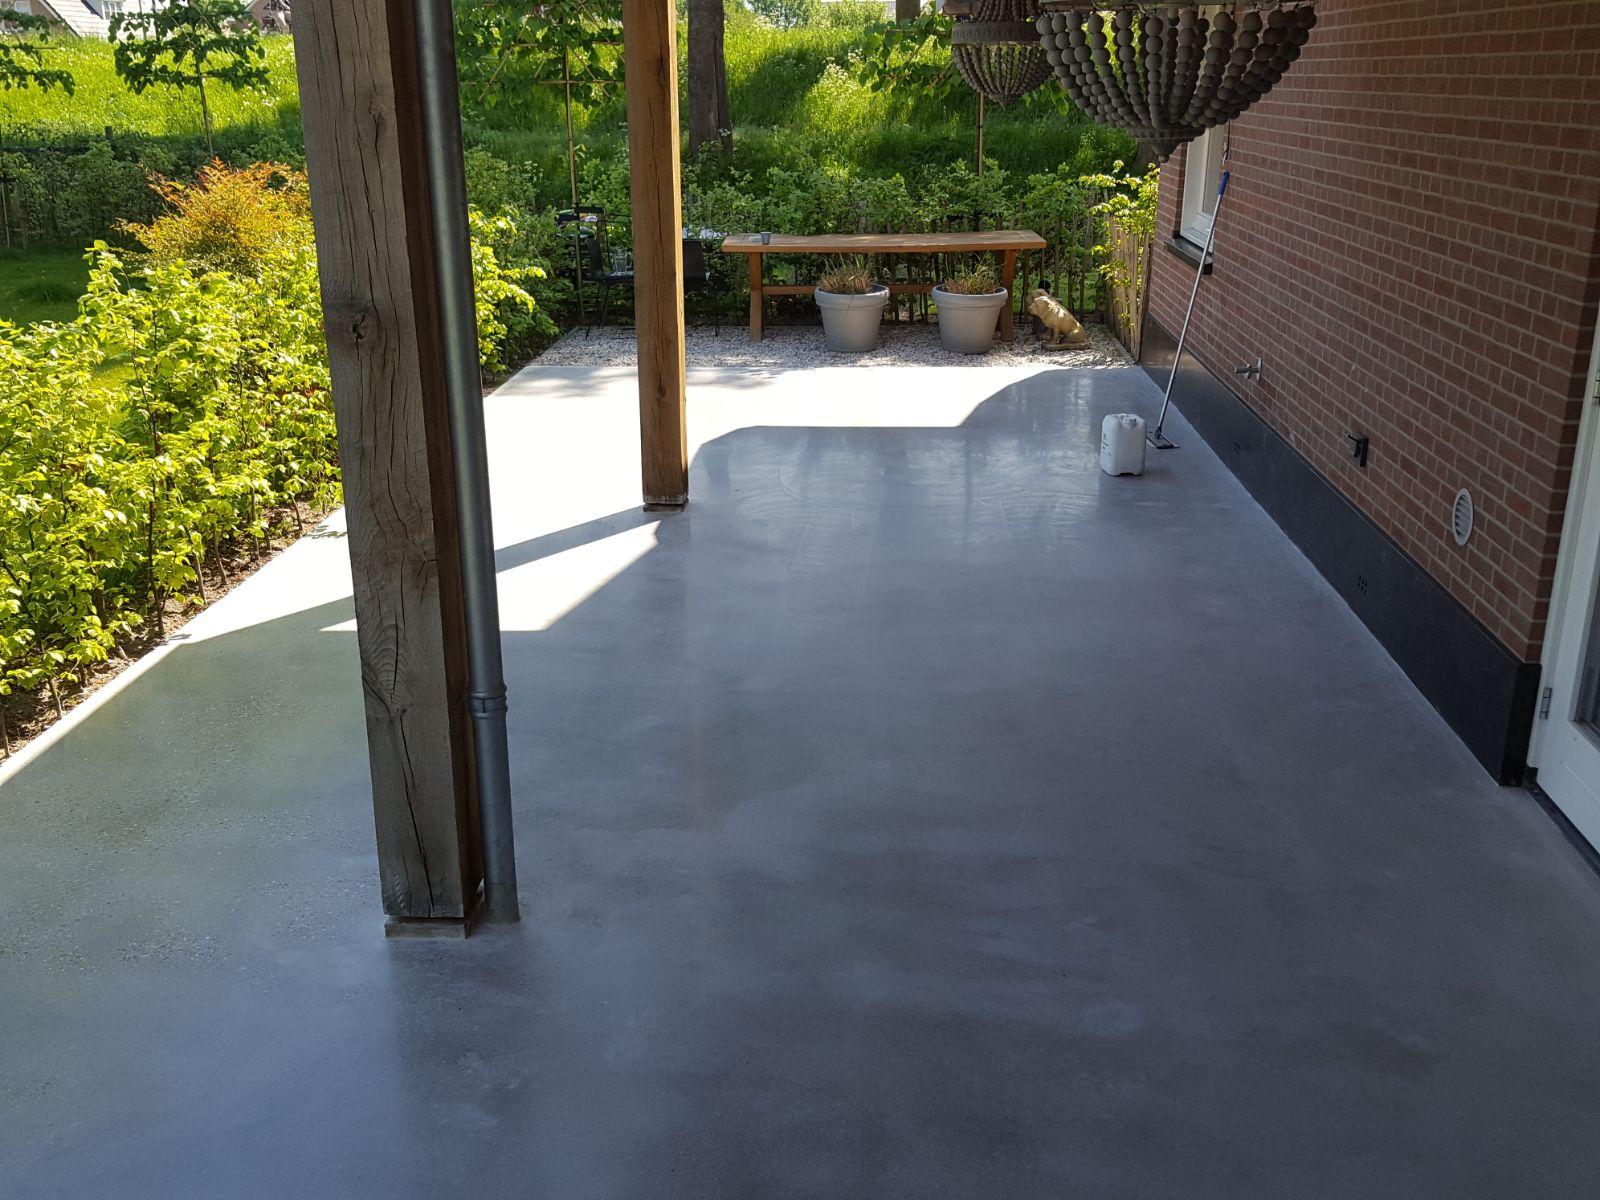 schuren betonvloer